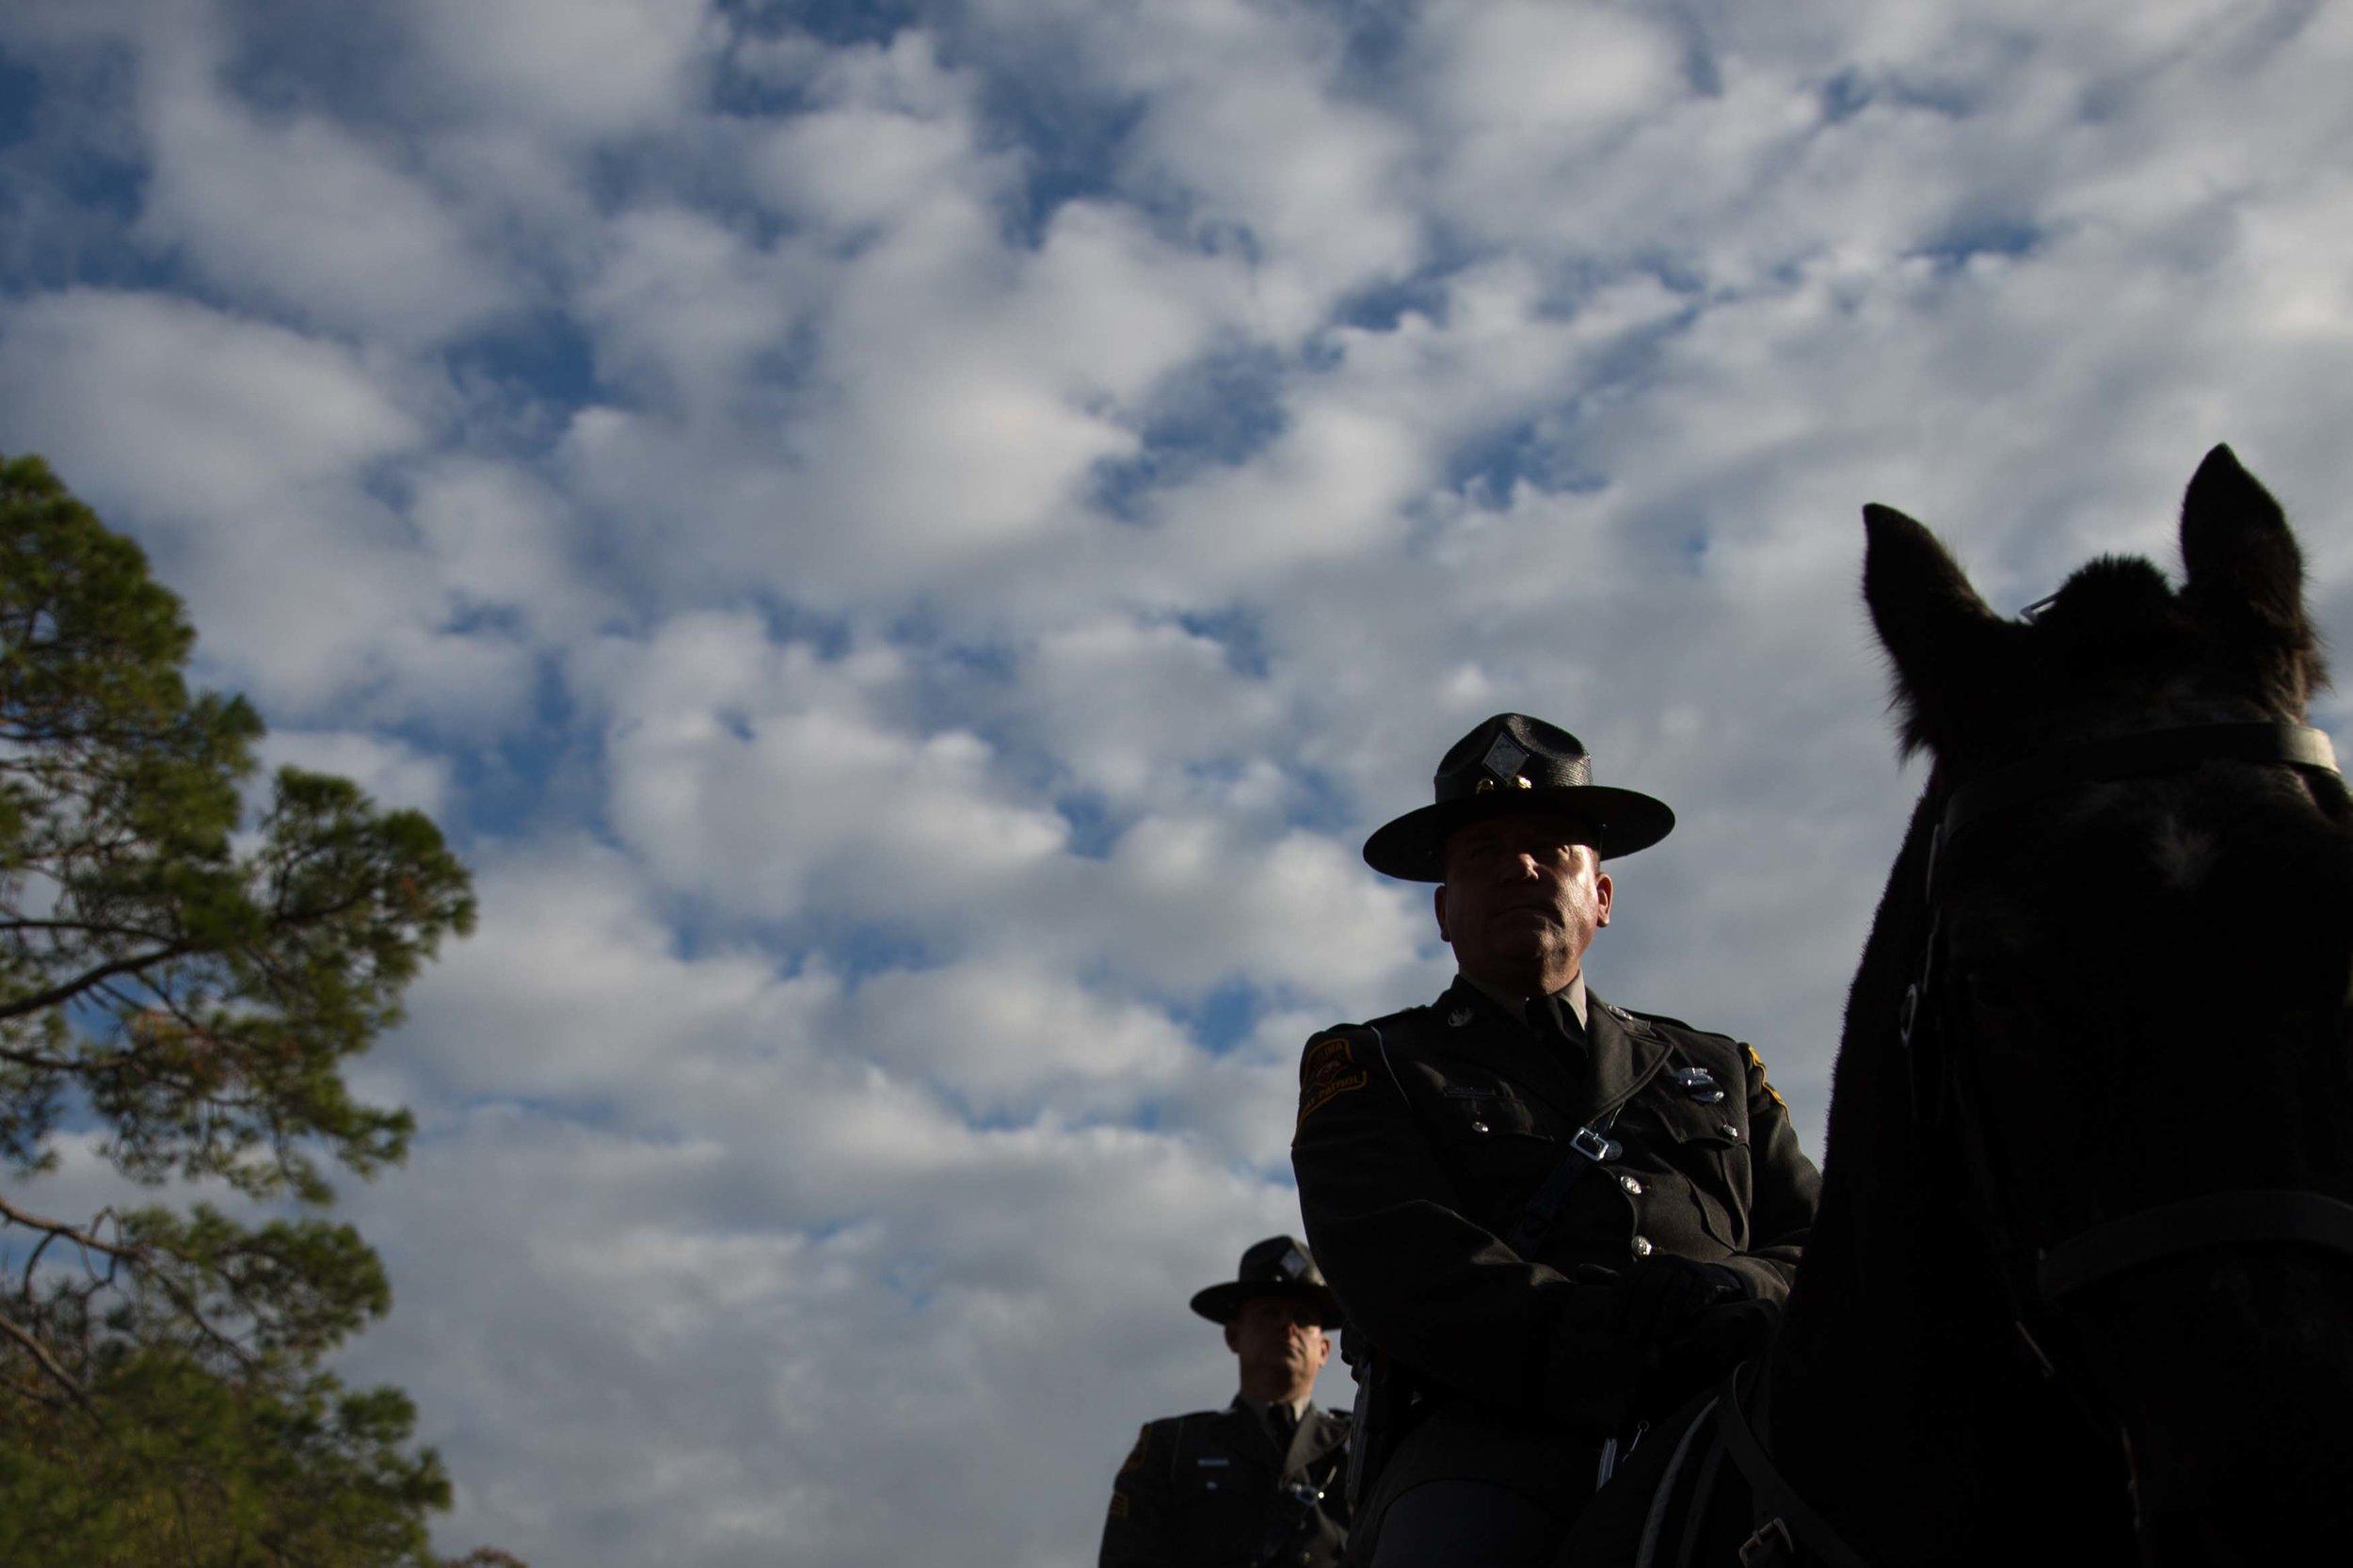 Police_Funeral8.jpg